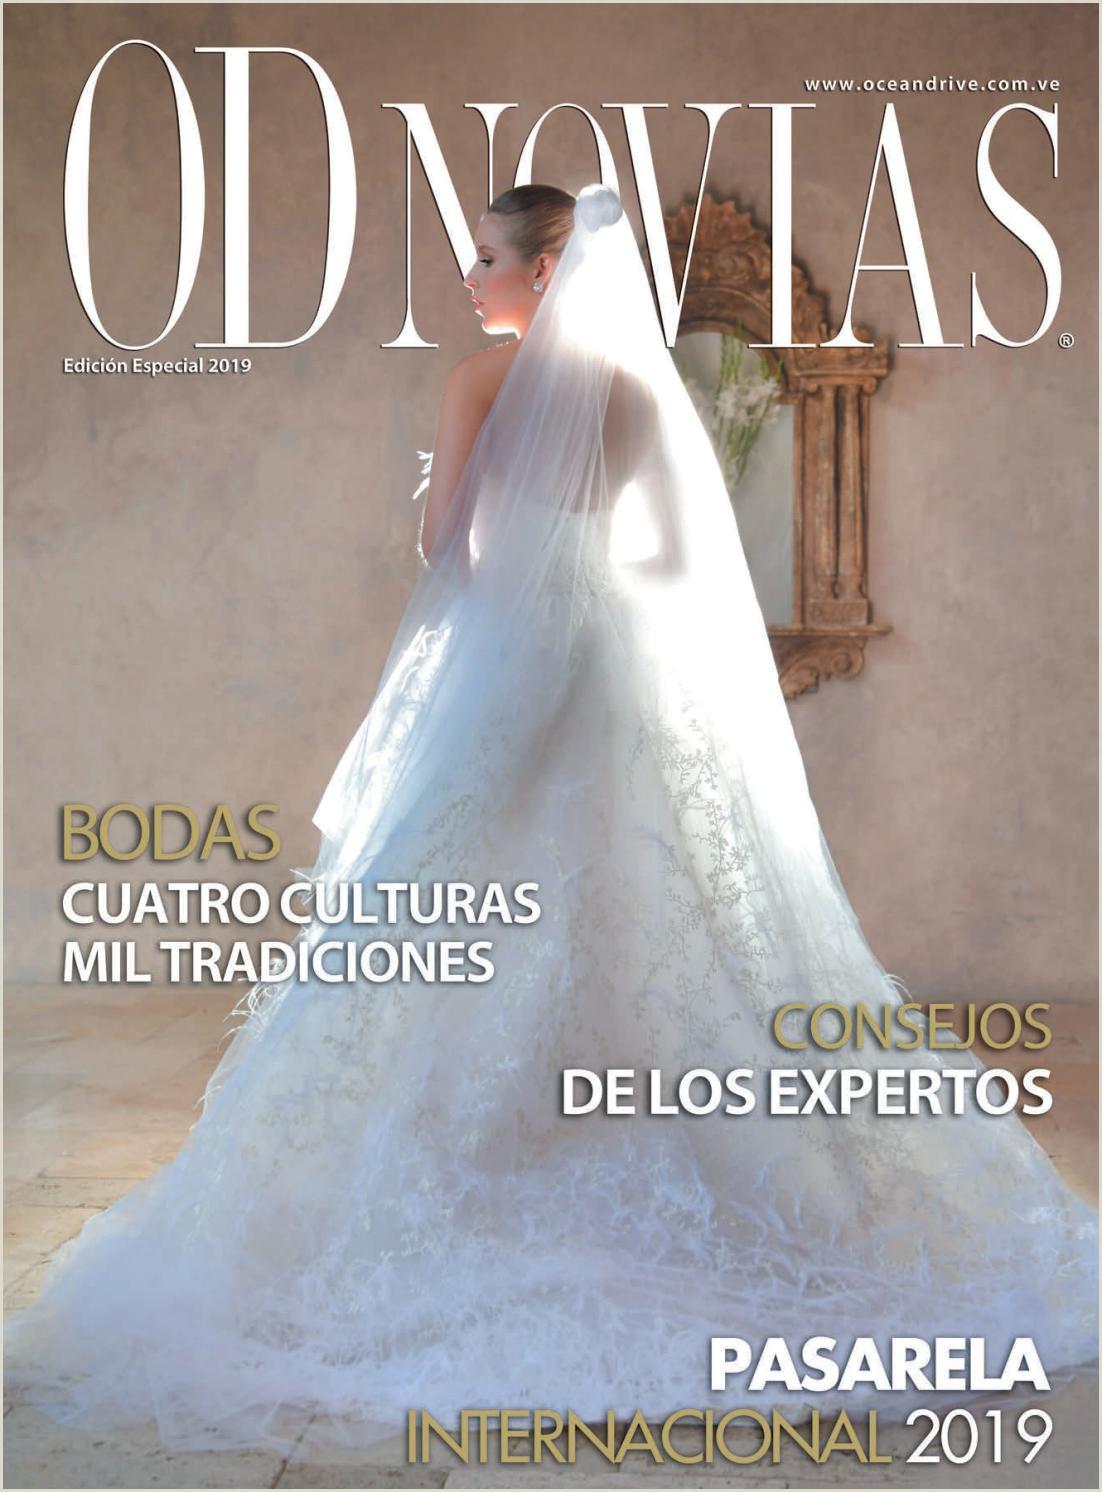 Formato Hoja De Vida Funcion Publica 2019 Od Novias 2019 by Grupo Editorial Shop In 98 C A issuu